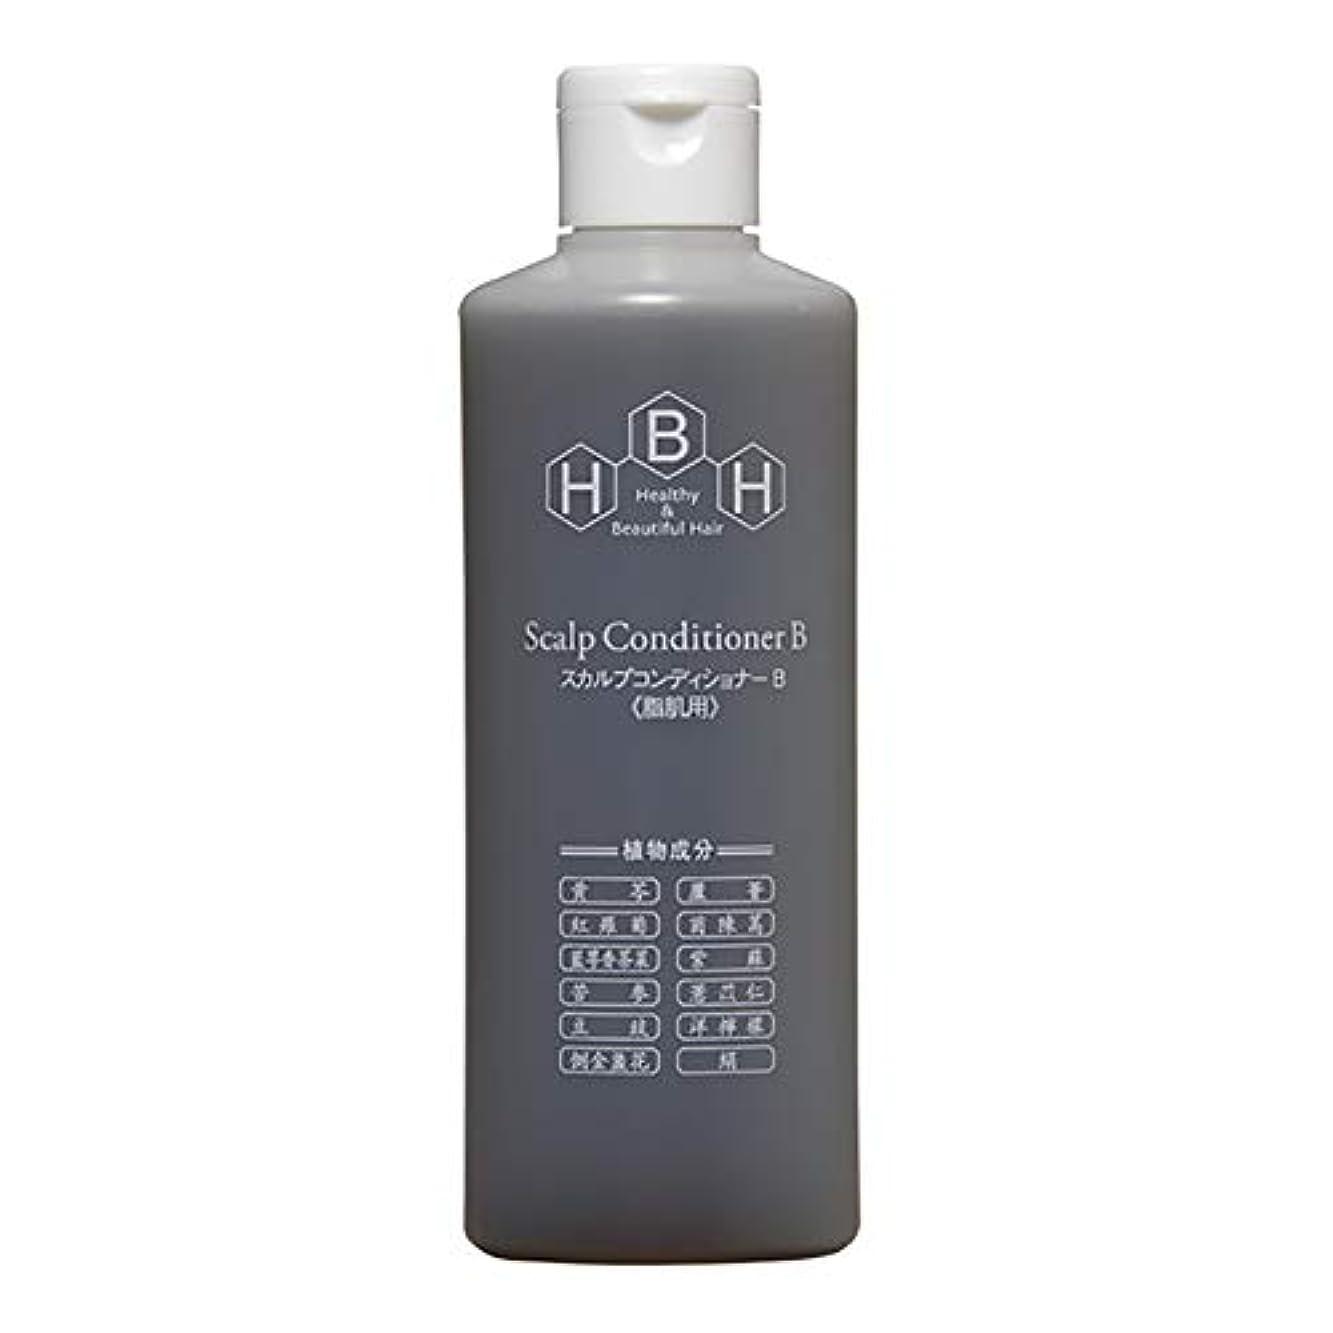 接続詞第四論争の的リーブ21 スカルプコンディショナーB 脂性肌用 300ml 育毛 コンディショナー 皮脂